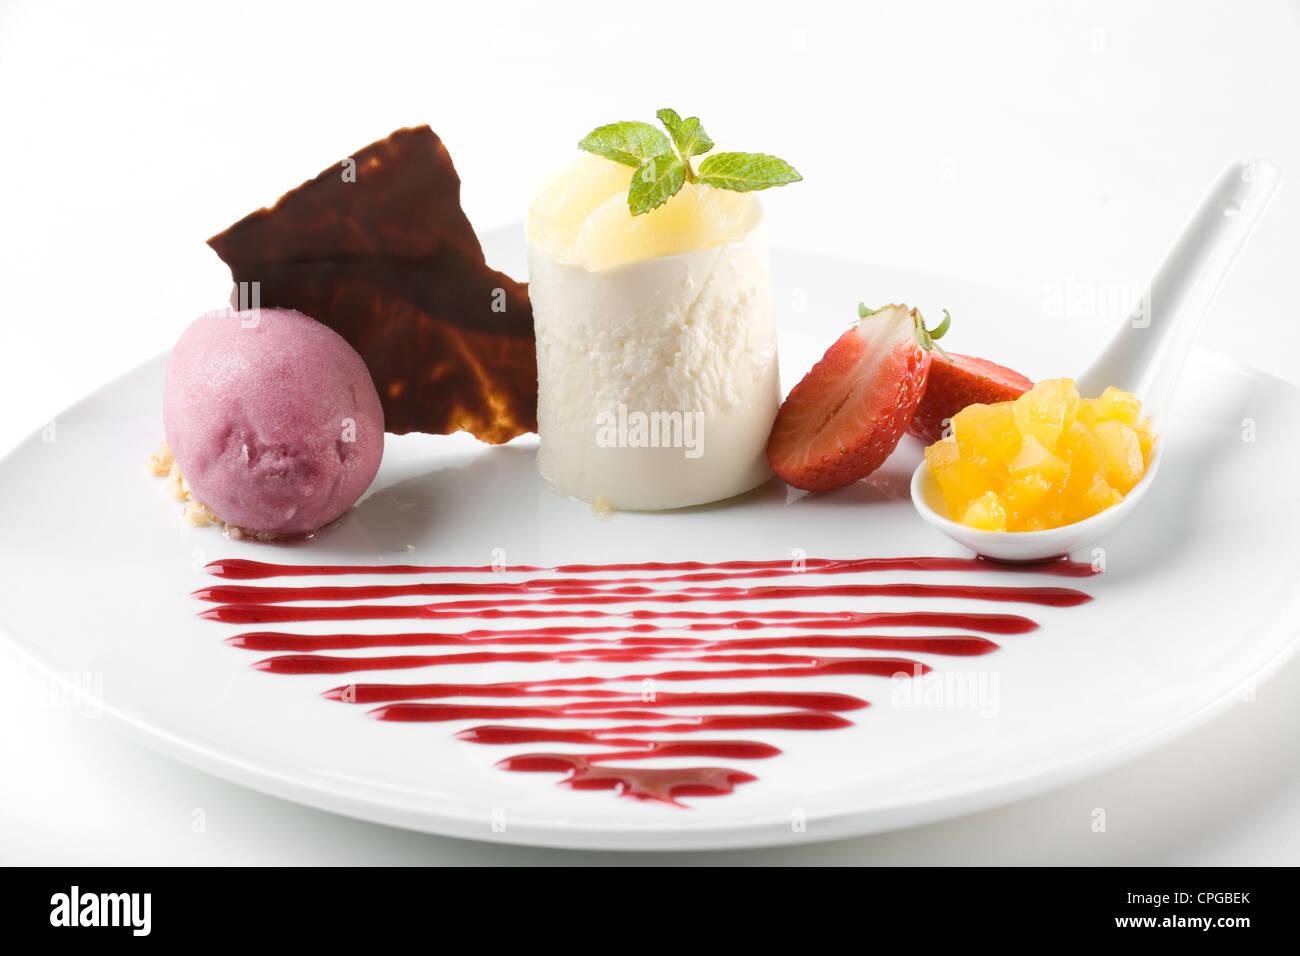 Elegante dessert gourmet Immagini Stock